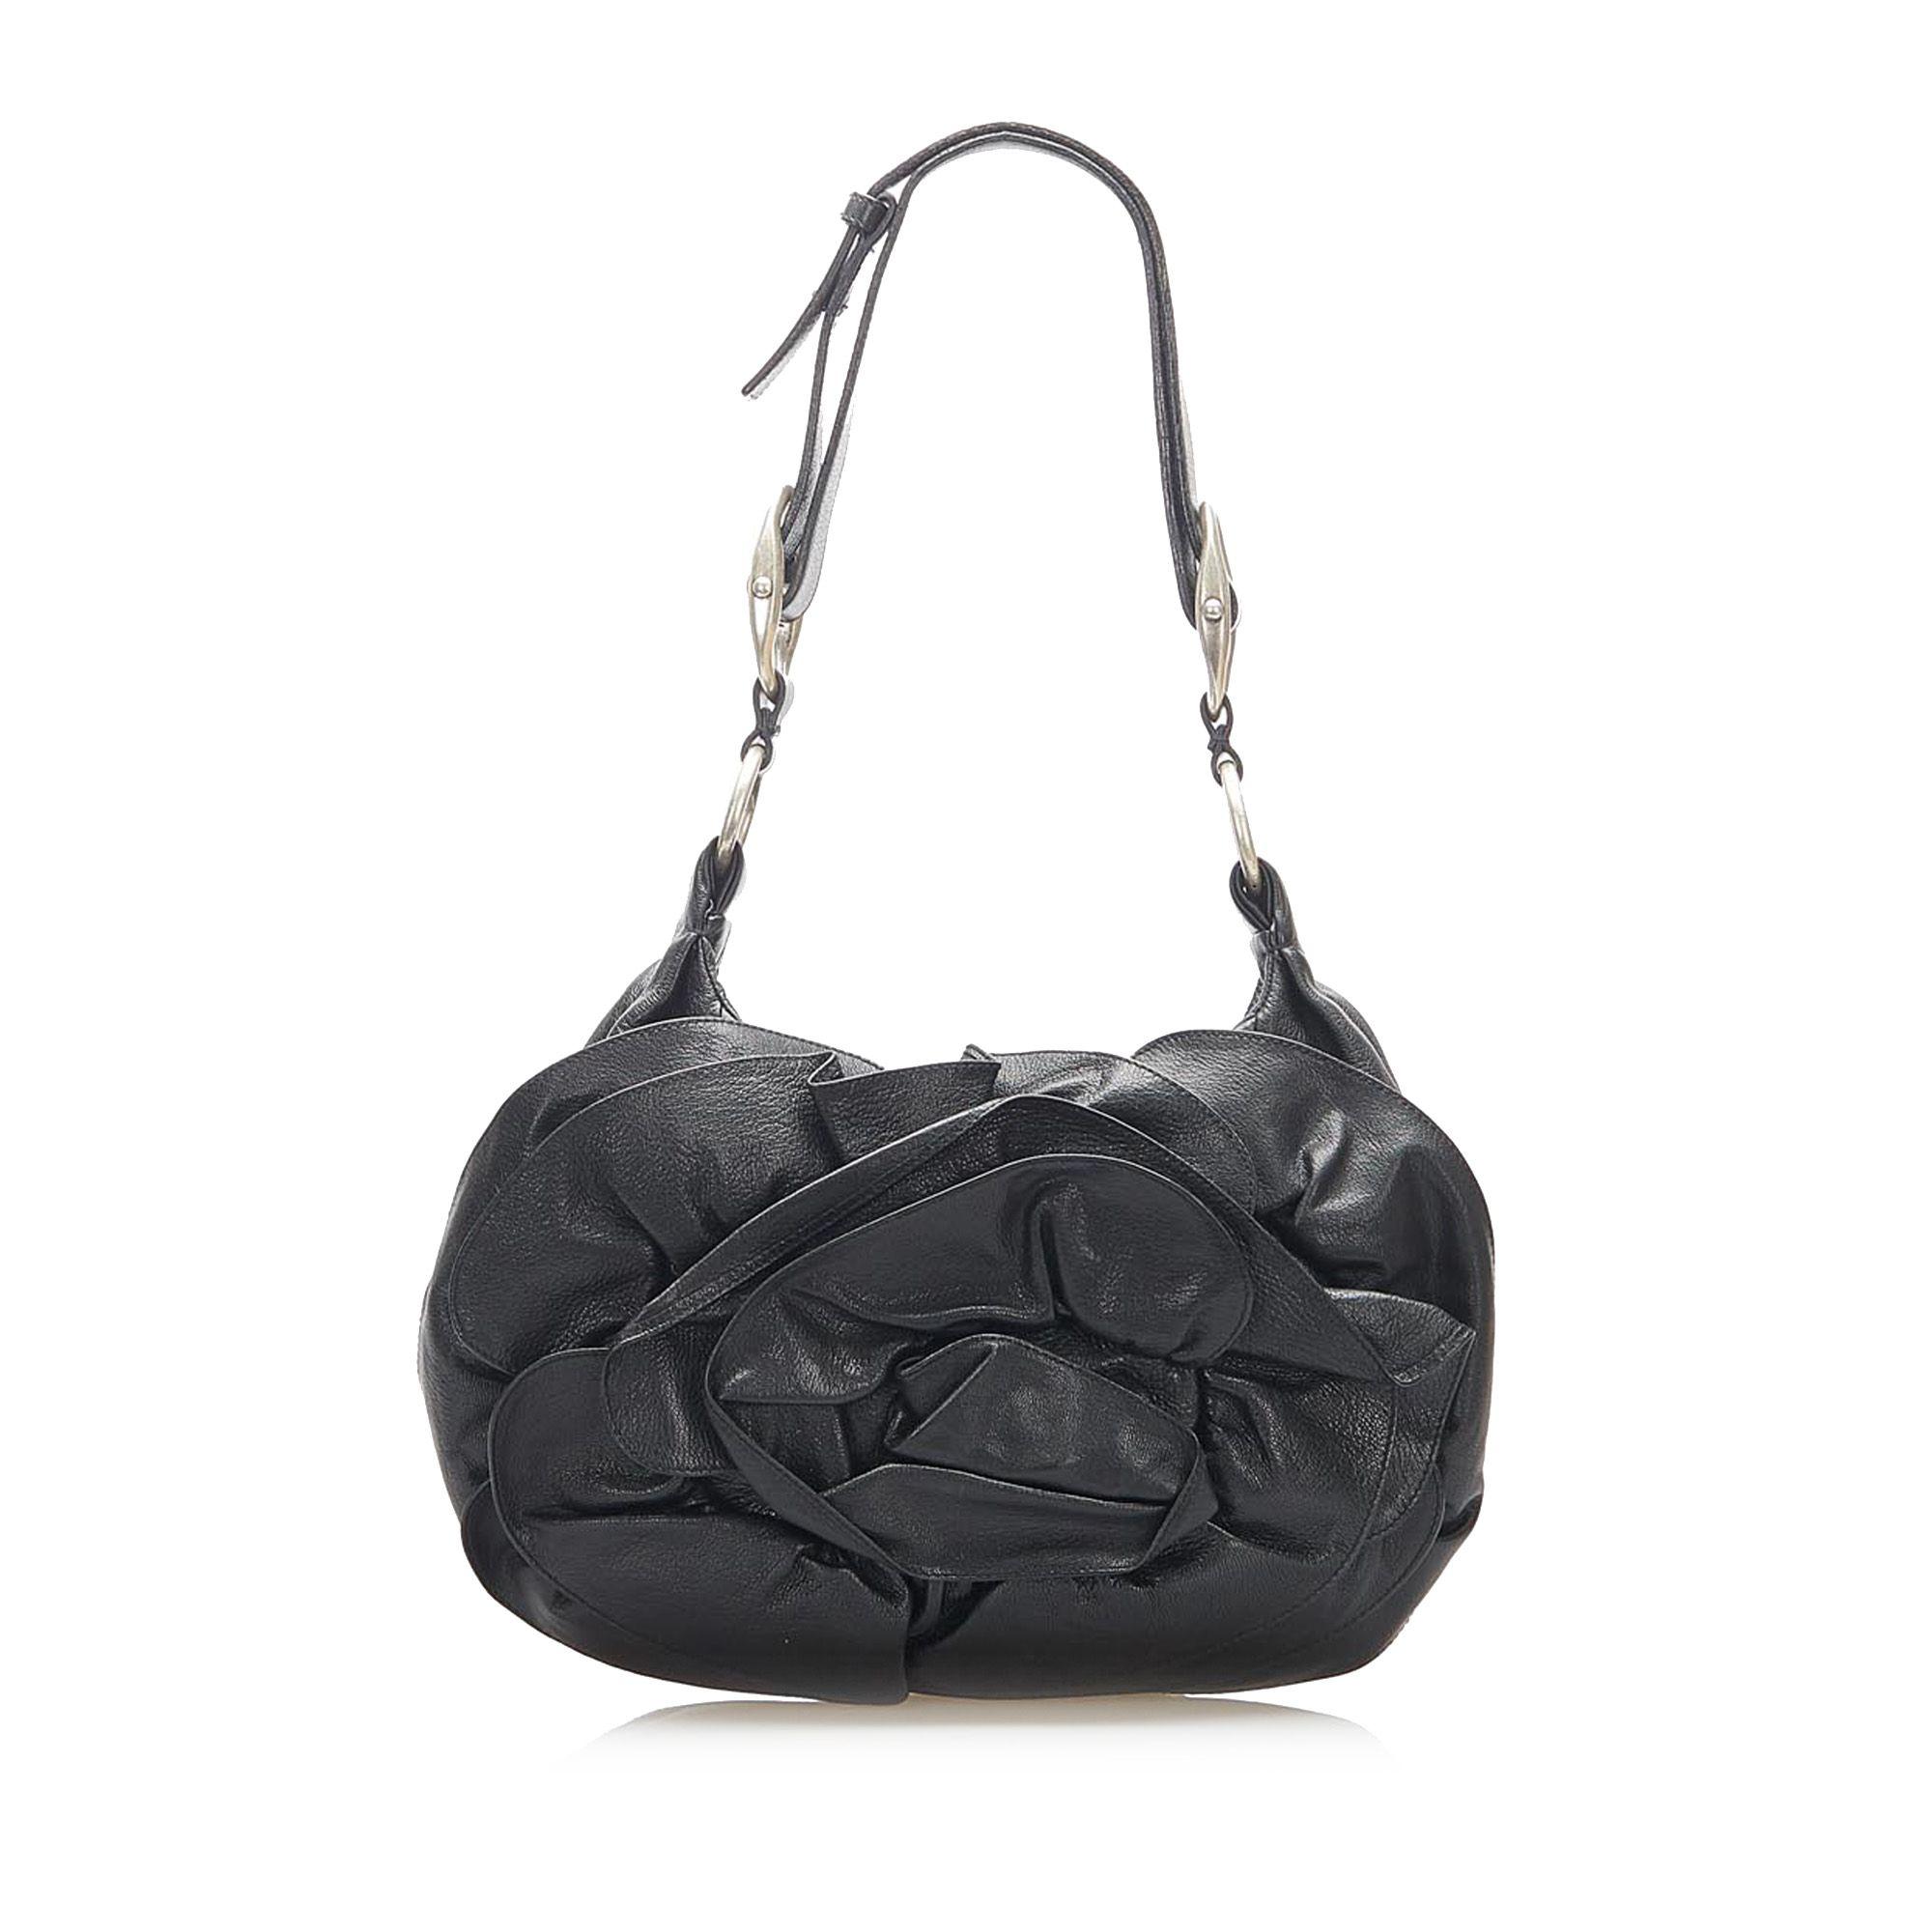 Vintage YSL Nadia Leather Shoulder Bag Black